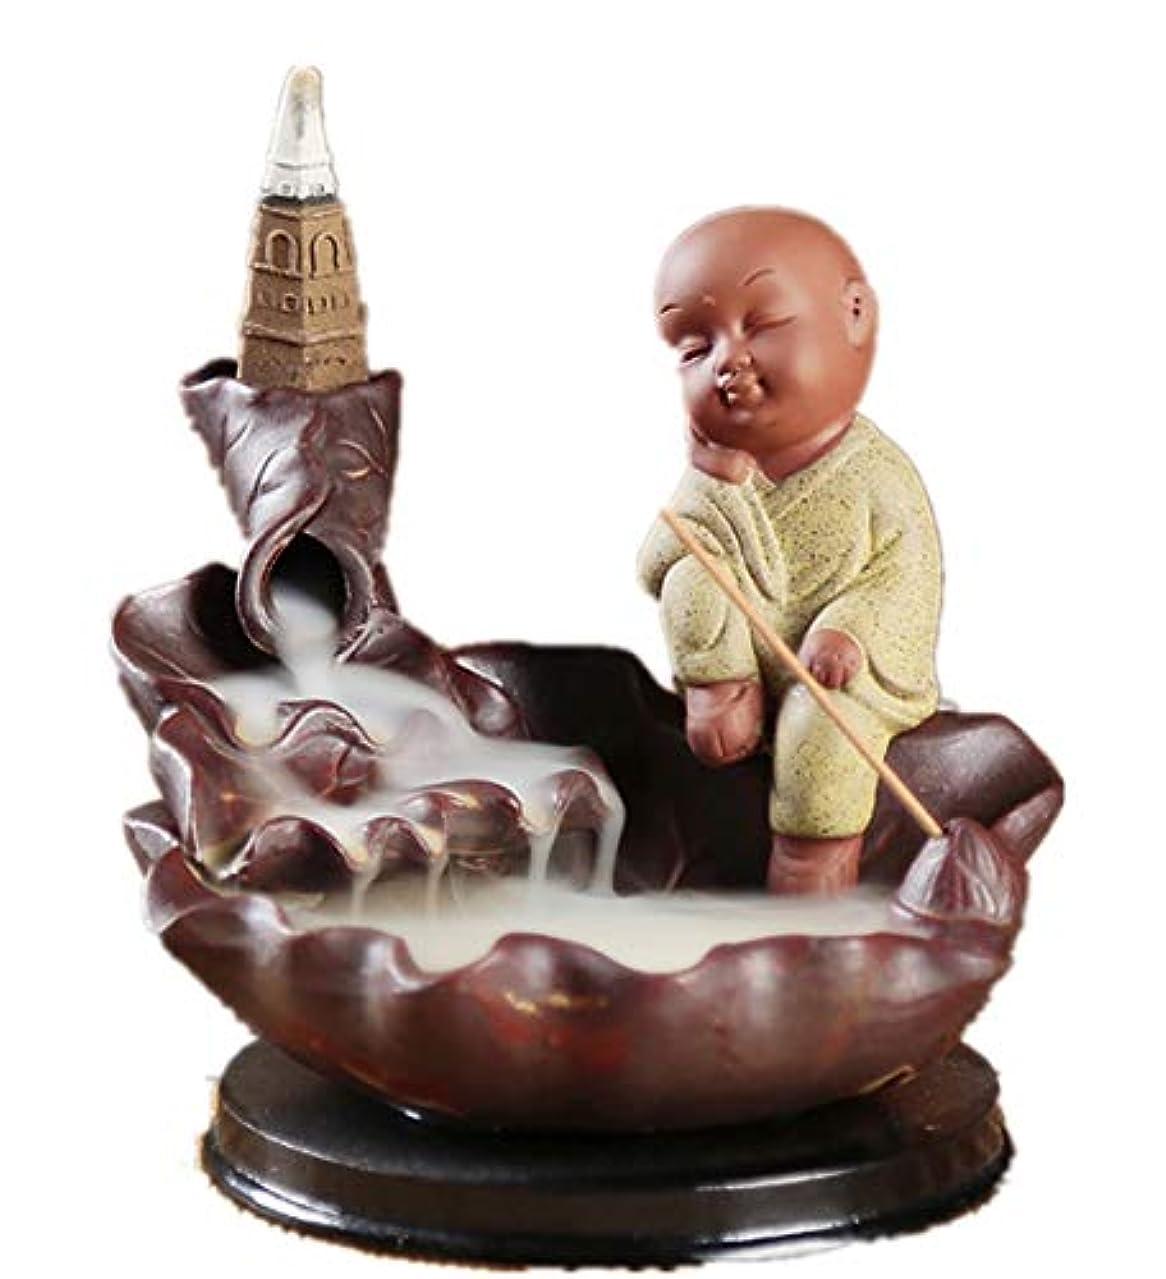 仲間甘美な先のことを考えるXPPXPP Backflow Incense Burner, Household Ceramic Returning Cone-shaped Candlestick Burner